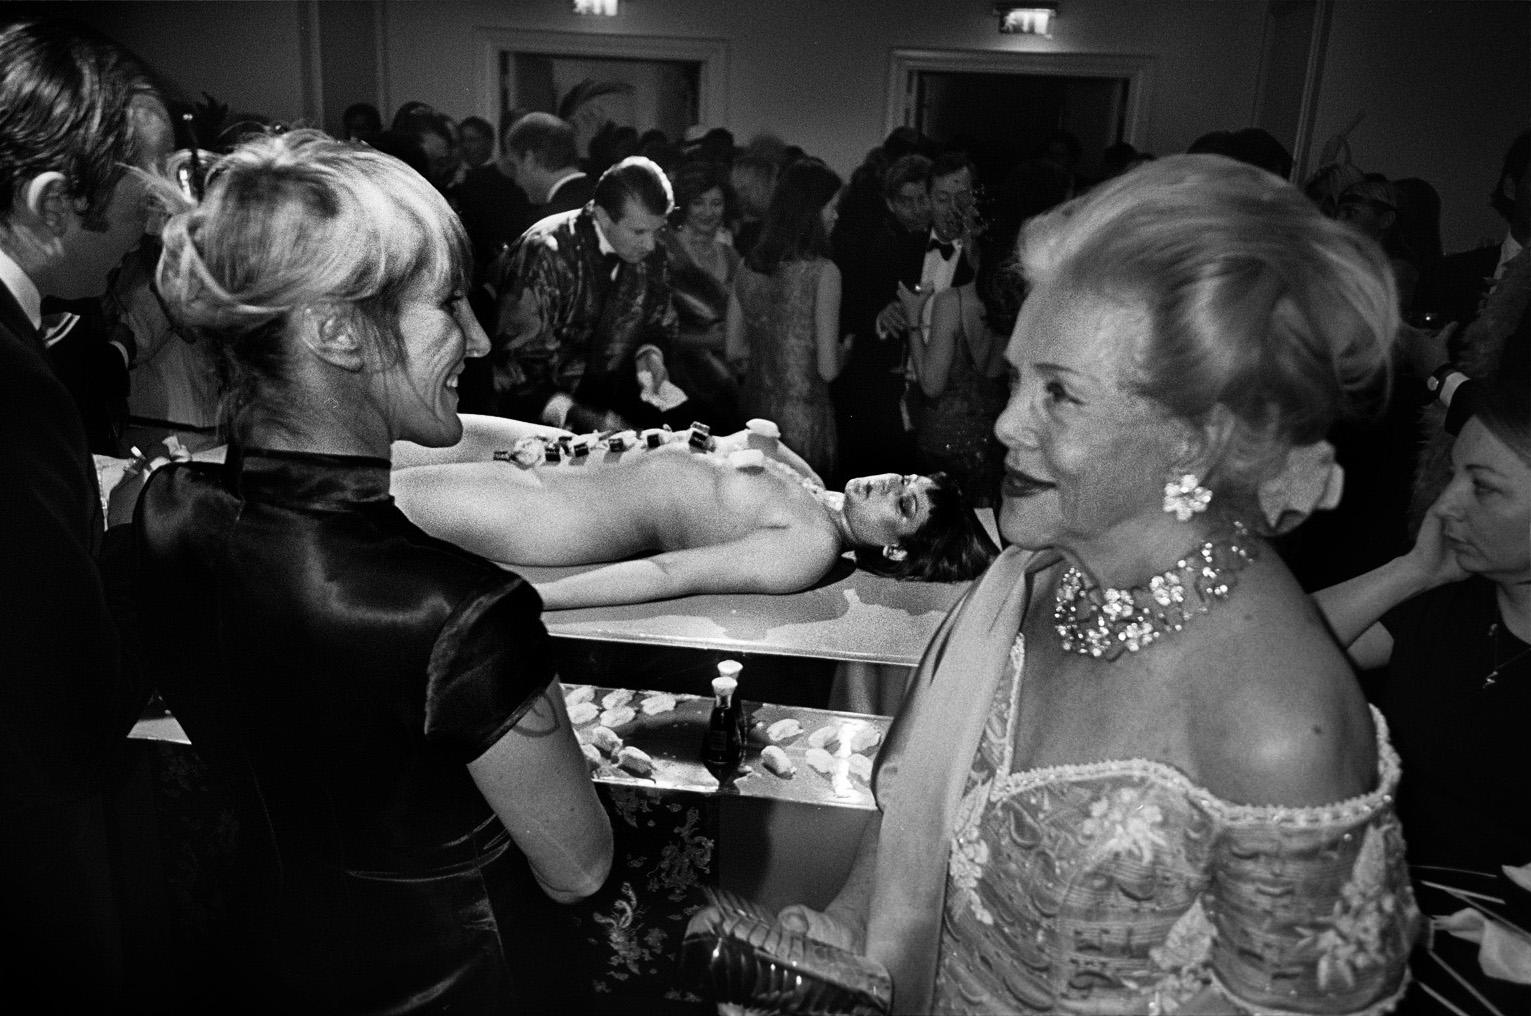 foto van rijke mensen met diamanten om op een feest waar in het midden een naakte vrouw ligt met stenen? op haar buik